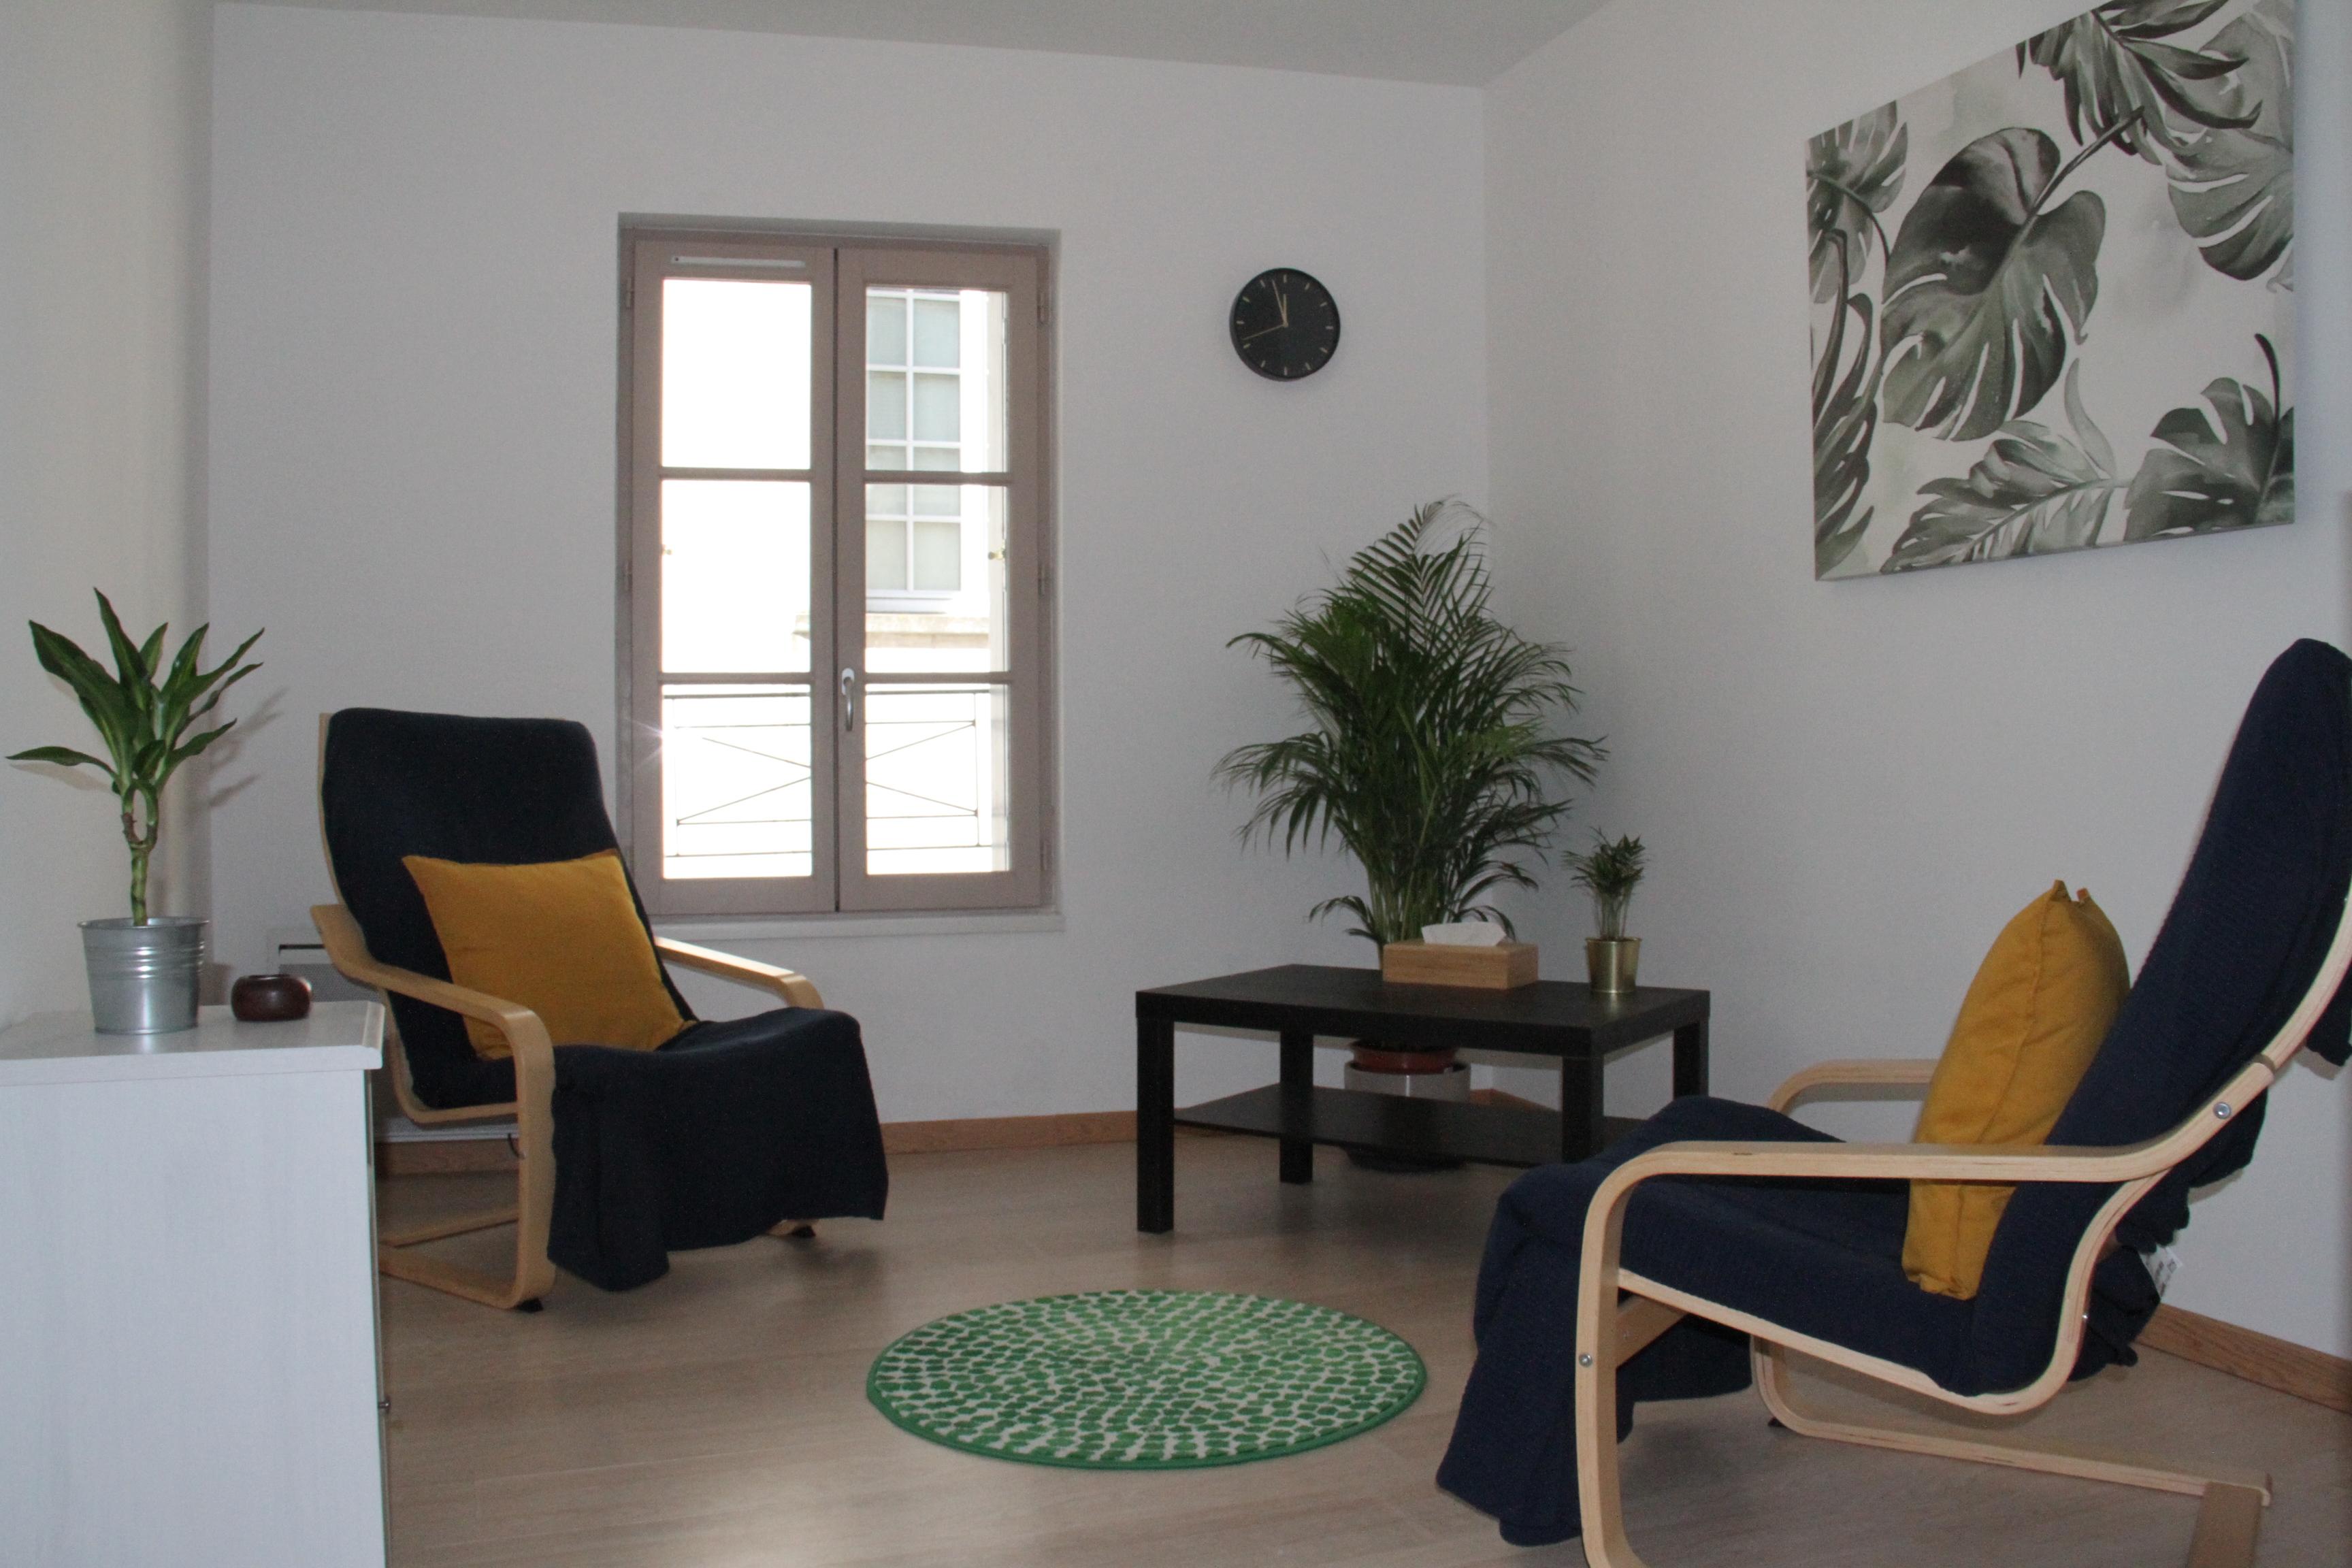 cabinet de psychothérapie de Emeric Biver, psychopraticien certifié, à Sainte-Maure de Touraine, 37. Parking facile à proximité. Attention, il y a un escalier.